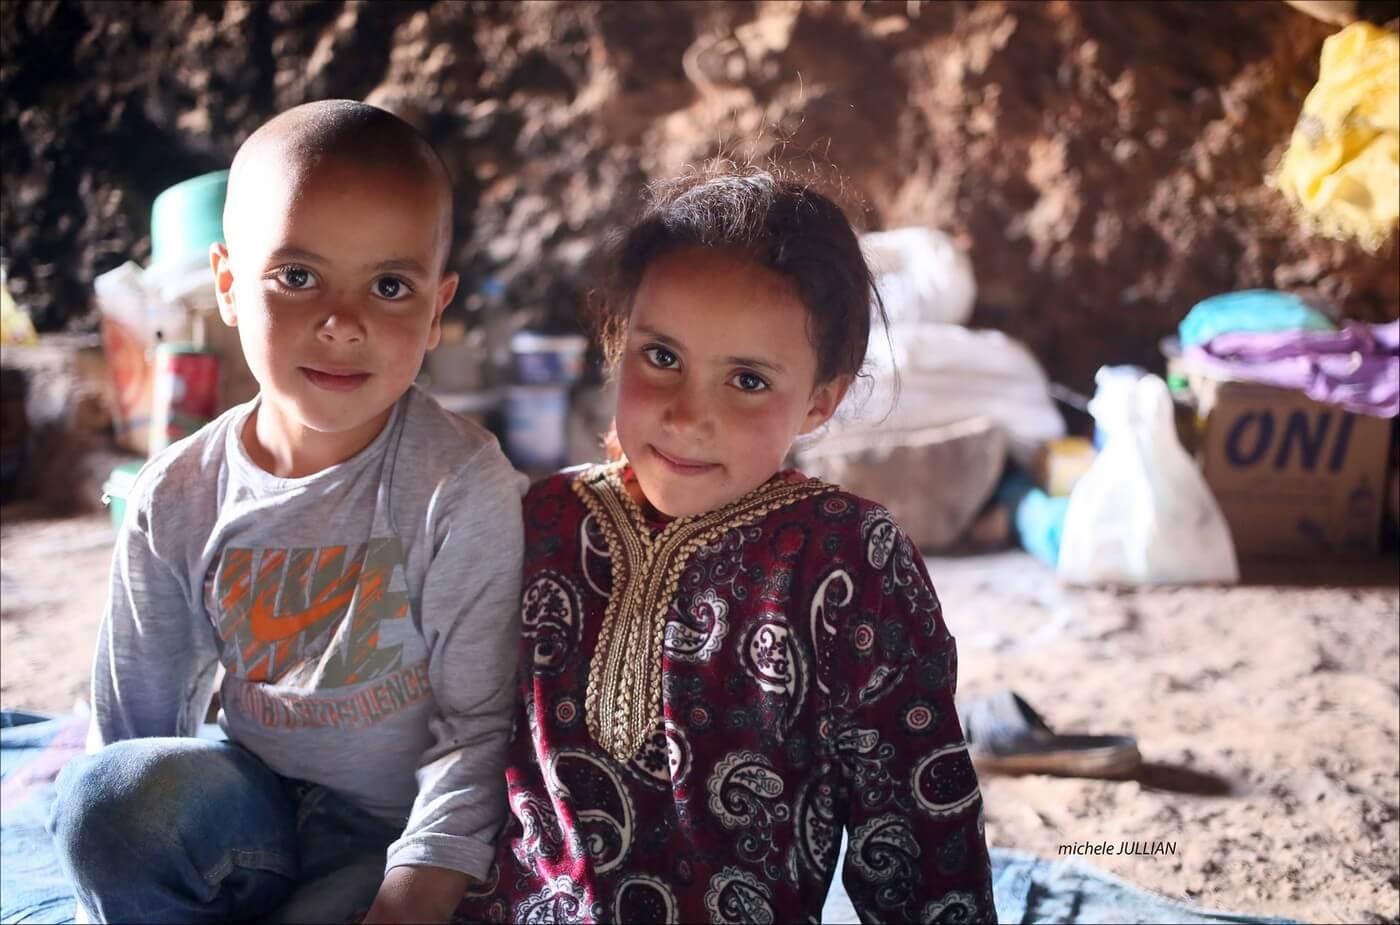 jeunes enfants nomades vivant dans une grotte dans le maroc berbère